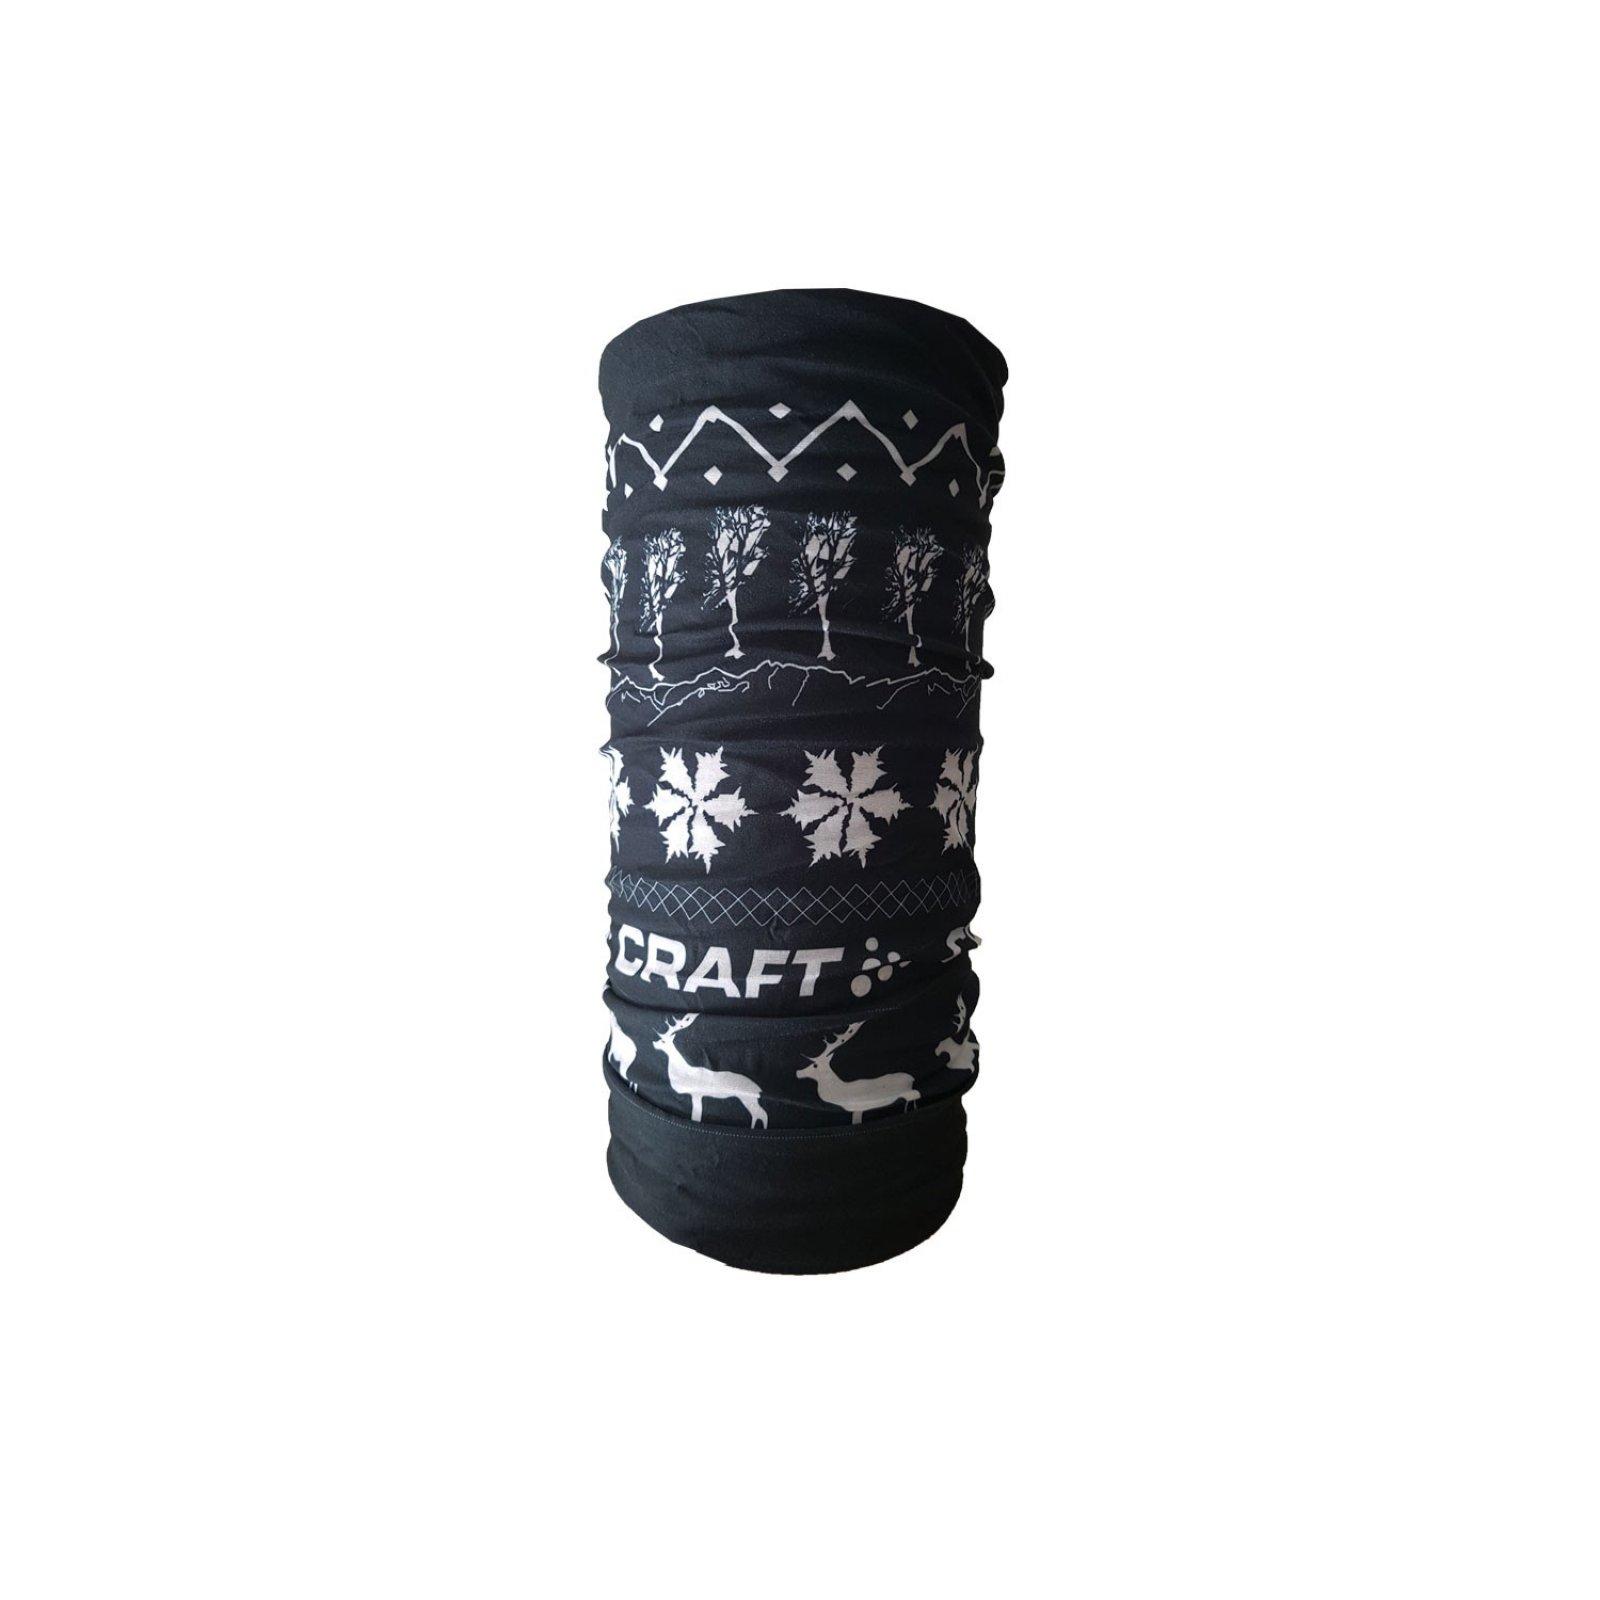 0d89588e322 Nákrčník Craft Neck Tube 1904092-9900 černá - Actisport.cz